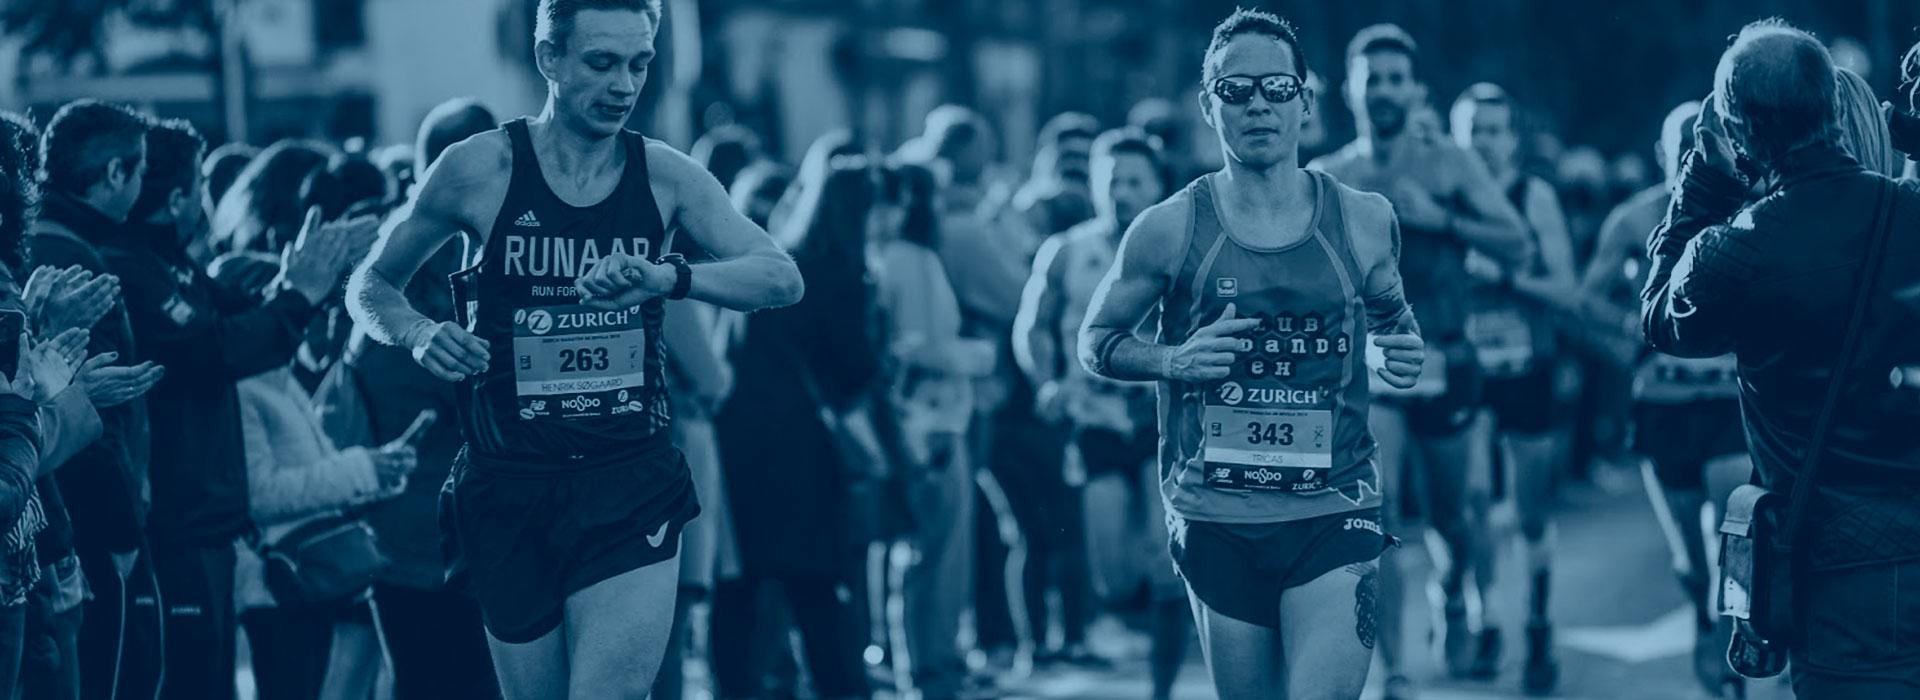 Cabecera sportravel partner club corredores